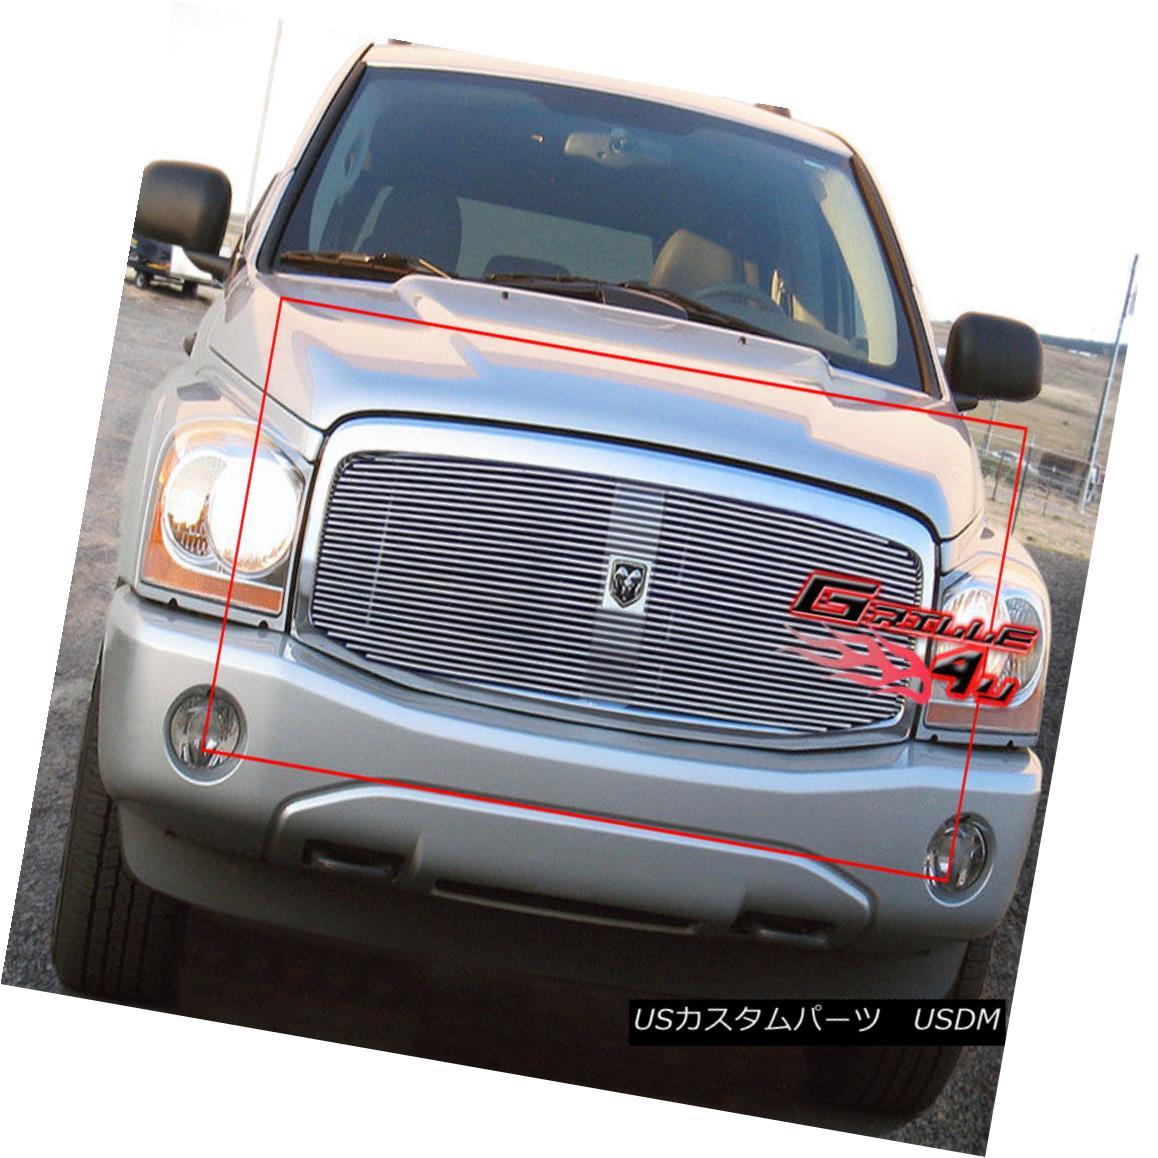 グリル For 04-06 Dodge Durango Billet Grille Insert 04-06 Dodge Durangoビレットグリルインサート